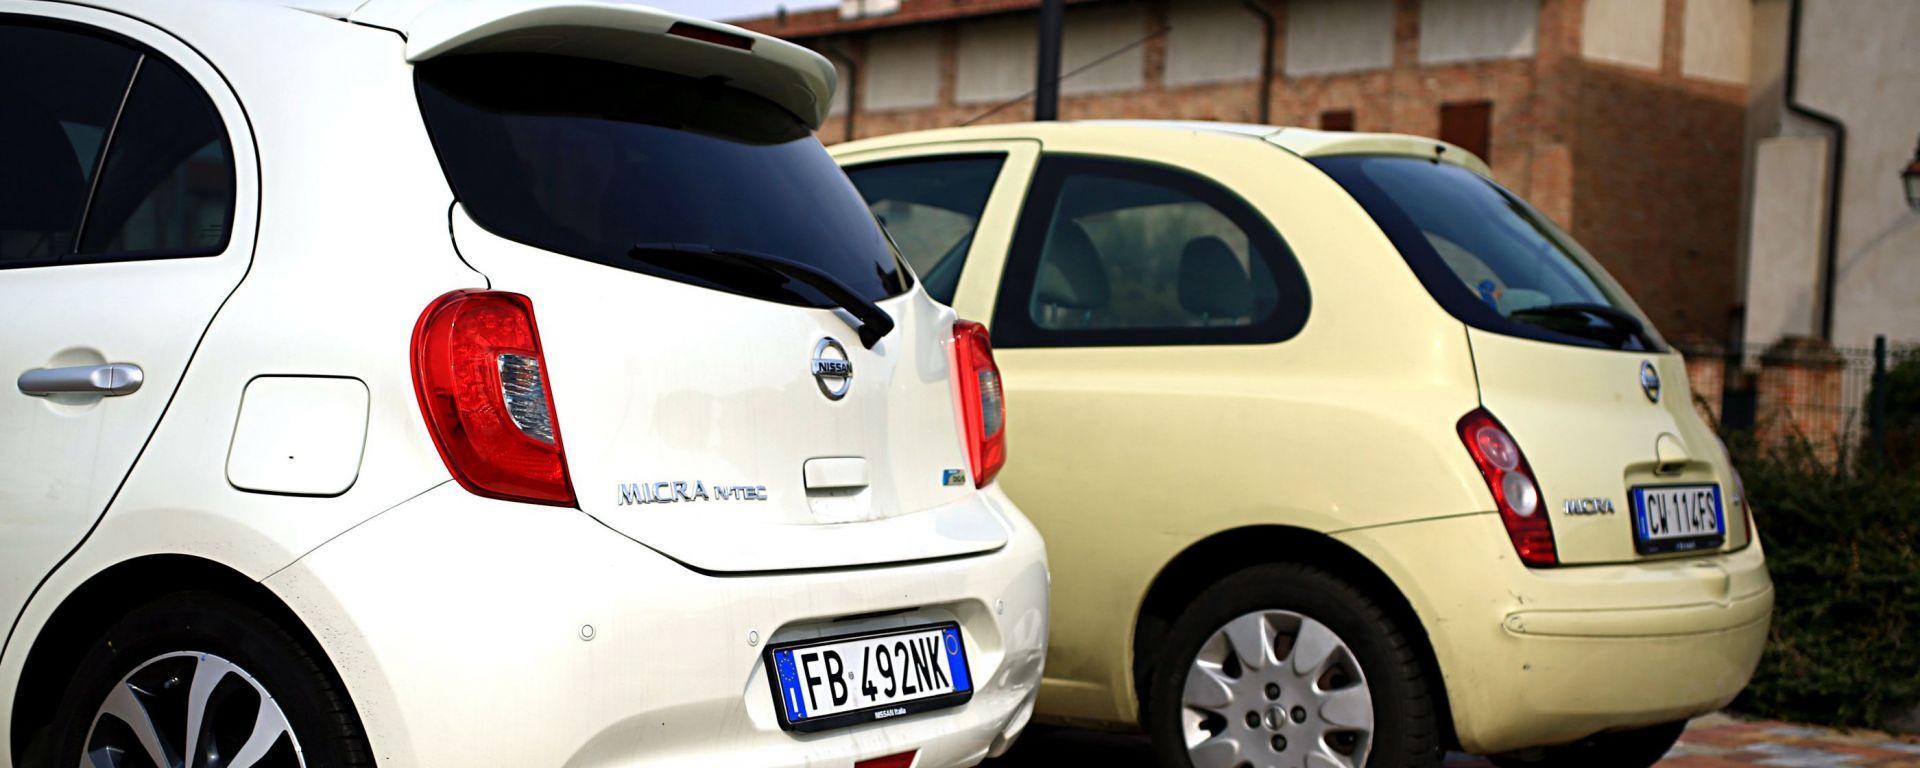 Nissan Micra vs Nissan Micra: generazioni a confronto